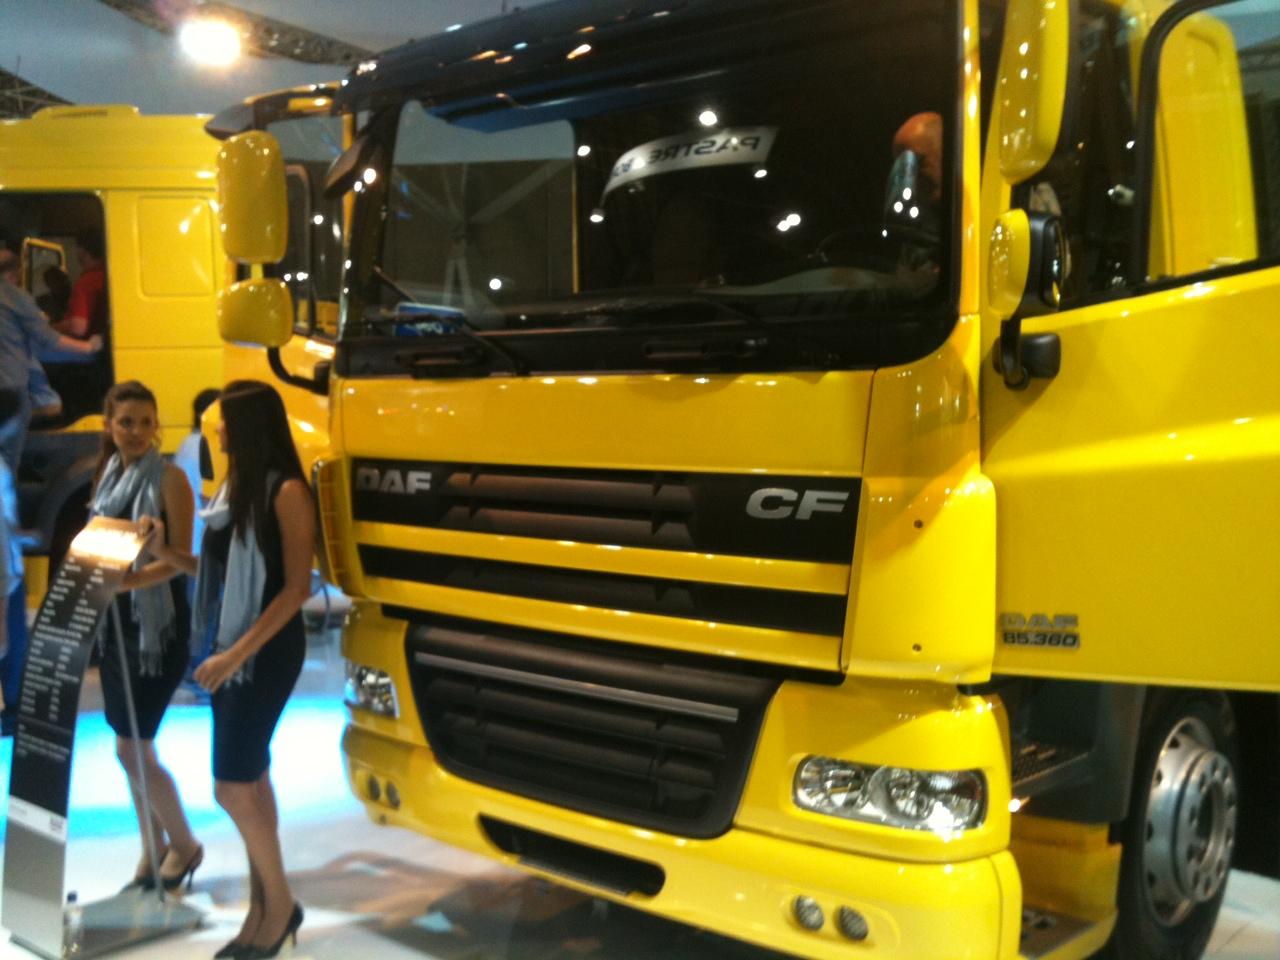 Daf Trucks estreia no mercado brasileiro